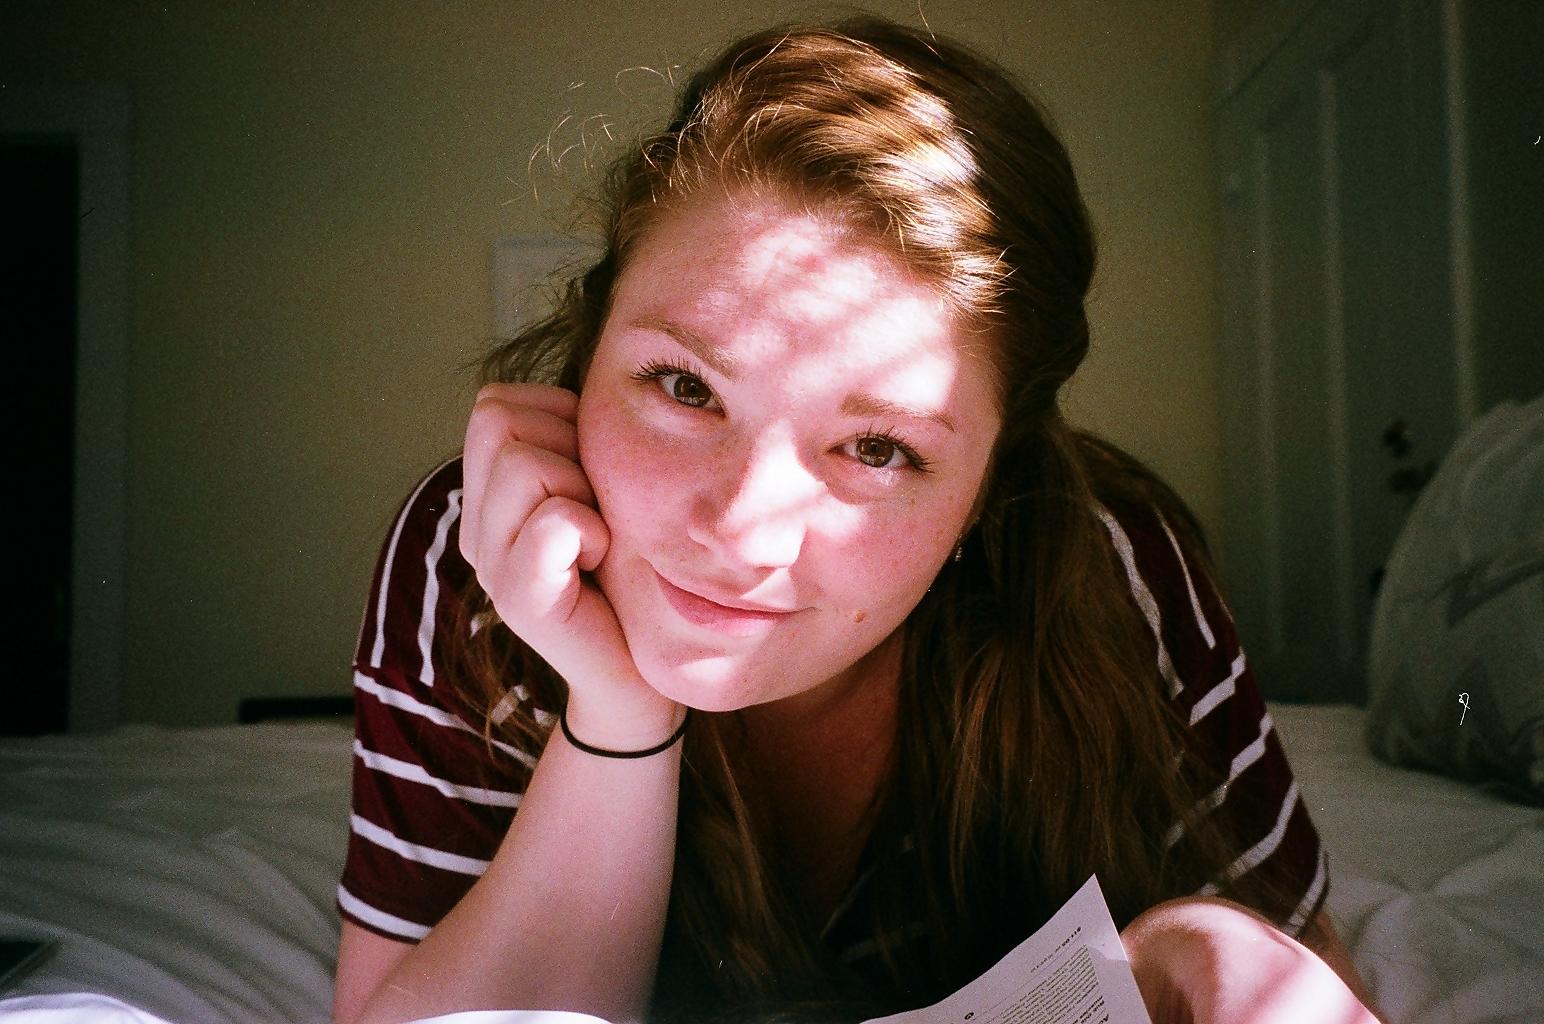 Kodak Porta 400. Developed and scanned by my local camera store. A beautiful shot of my girlfriend  Candace .